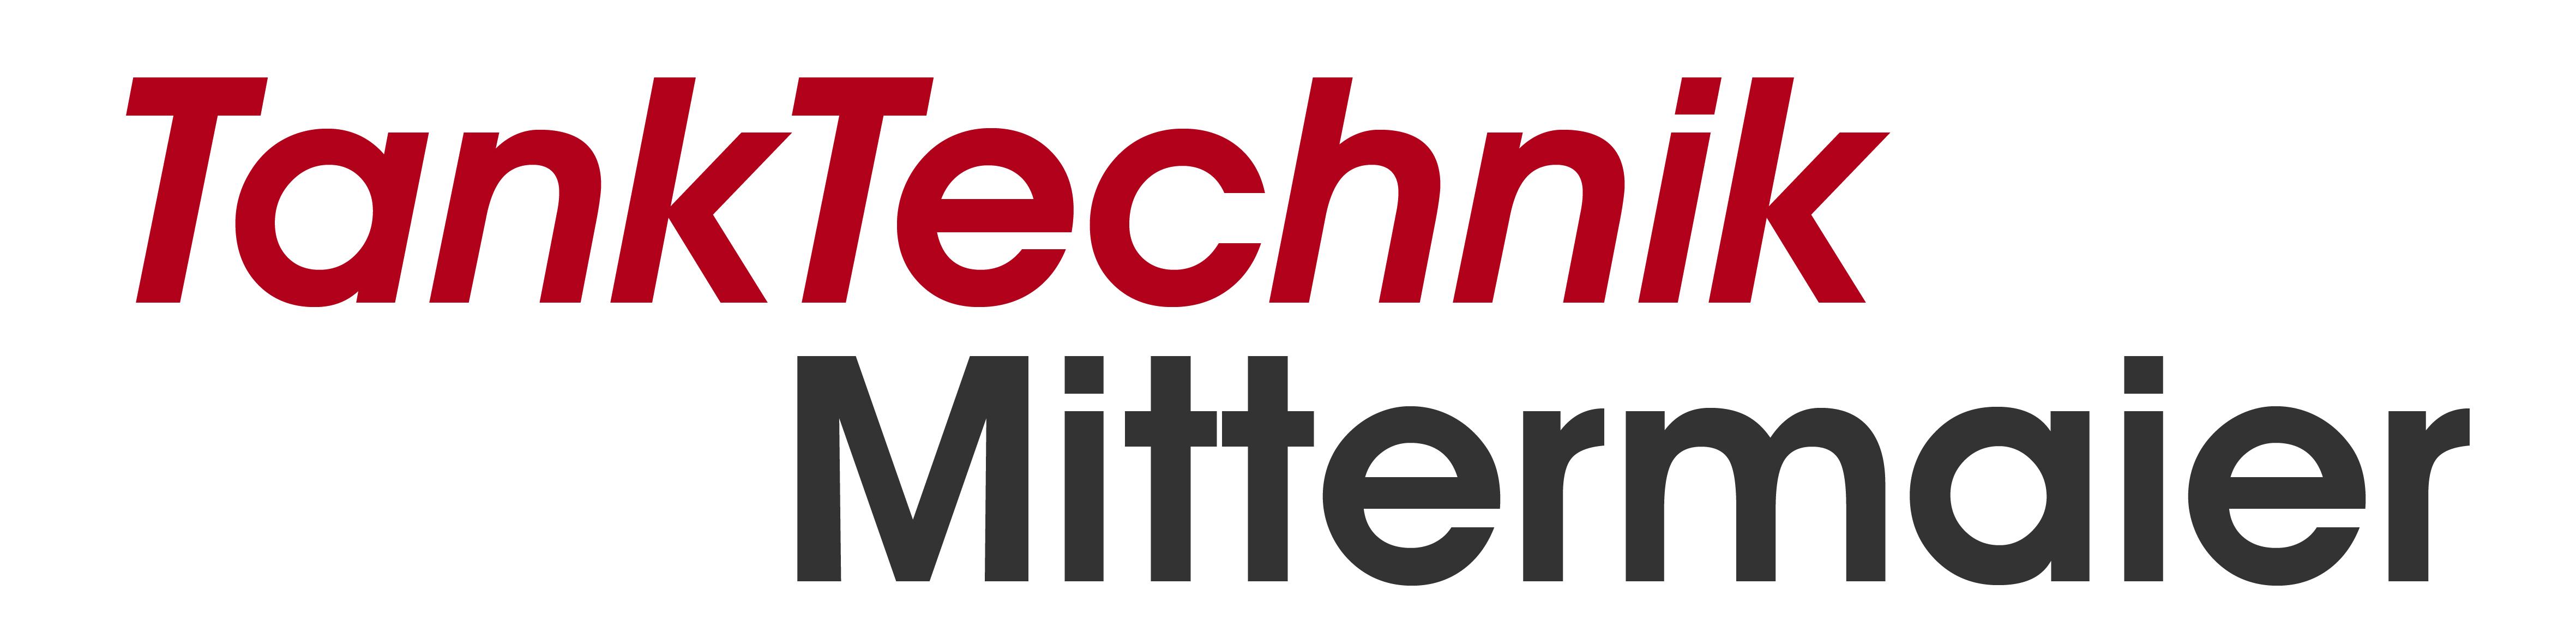 Tanktechnik Mittermaier - Ihr Experte rund um den Tank   Ihr Experte rund um den Tank - Tankreinigung, Tankinnenhüllen, Tankraumsanierungen, Stilllegung und Demontage und Tanküberprüfung im Raum Österreich und Bayern!